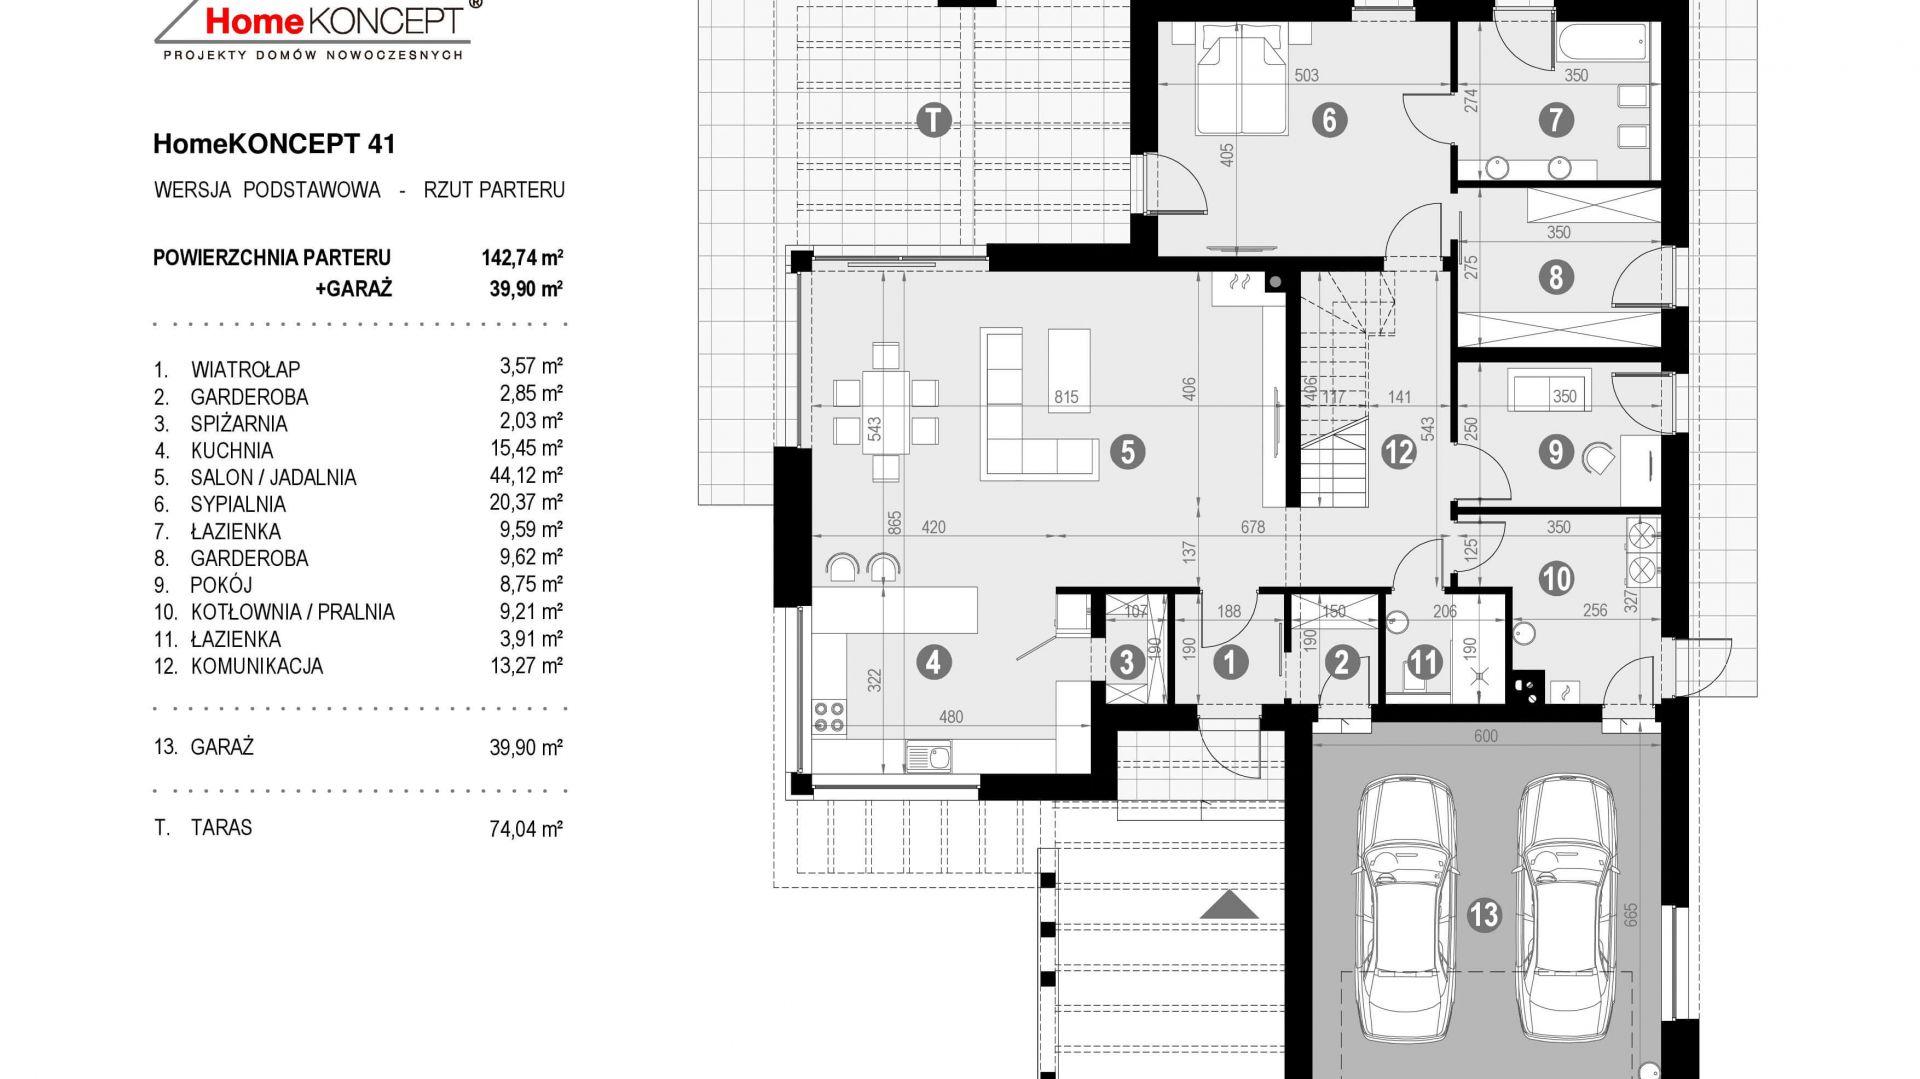 Rzut parteru. Dom HomeKoncept 41. Projekt: Zespół projektowy HomeKoncept. Fot. HomeKoncept